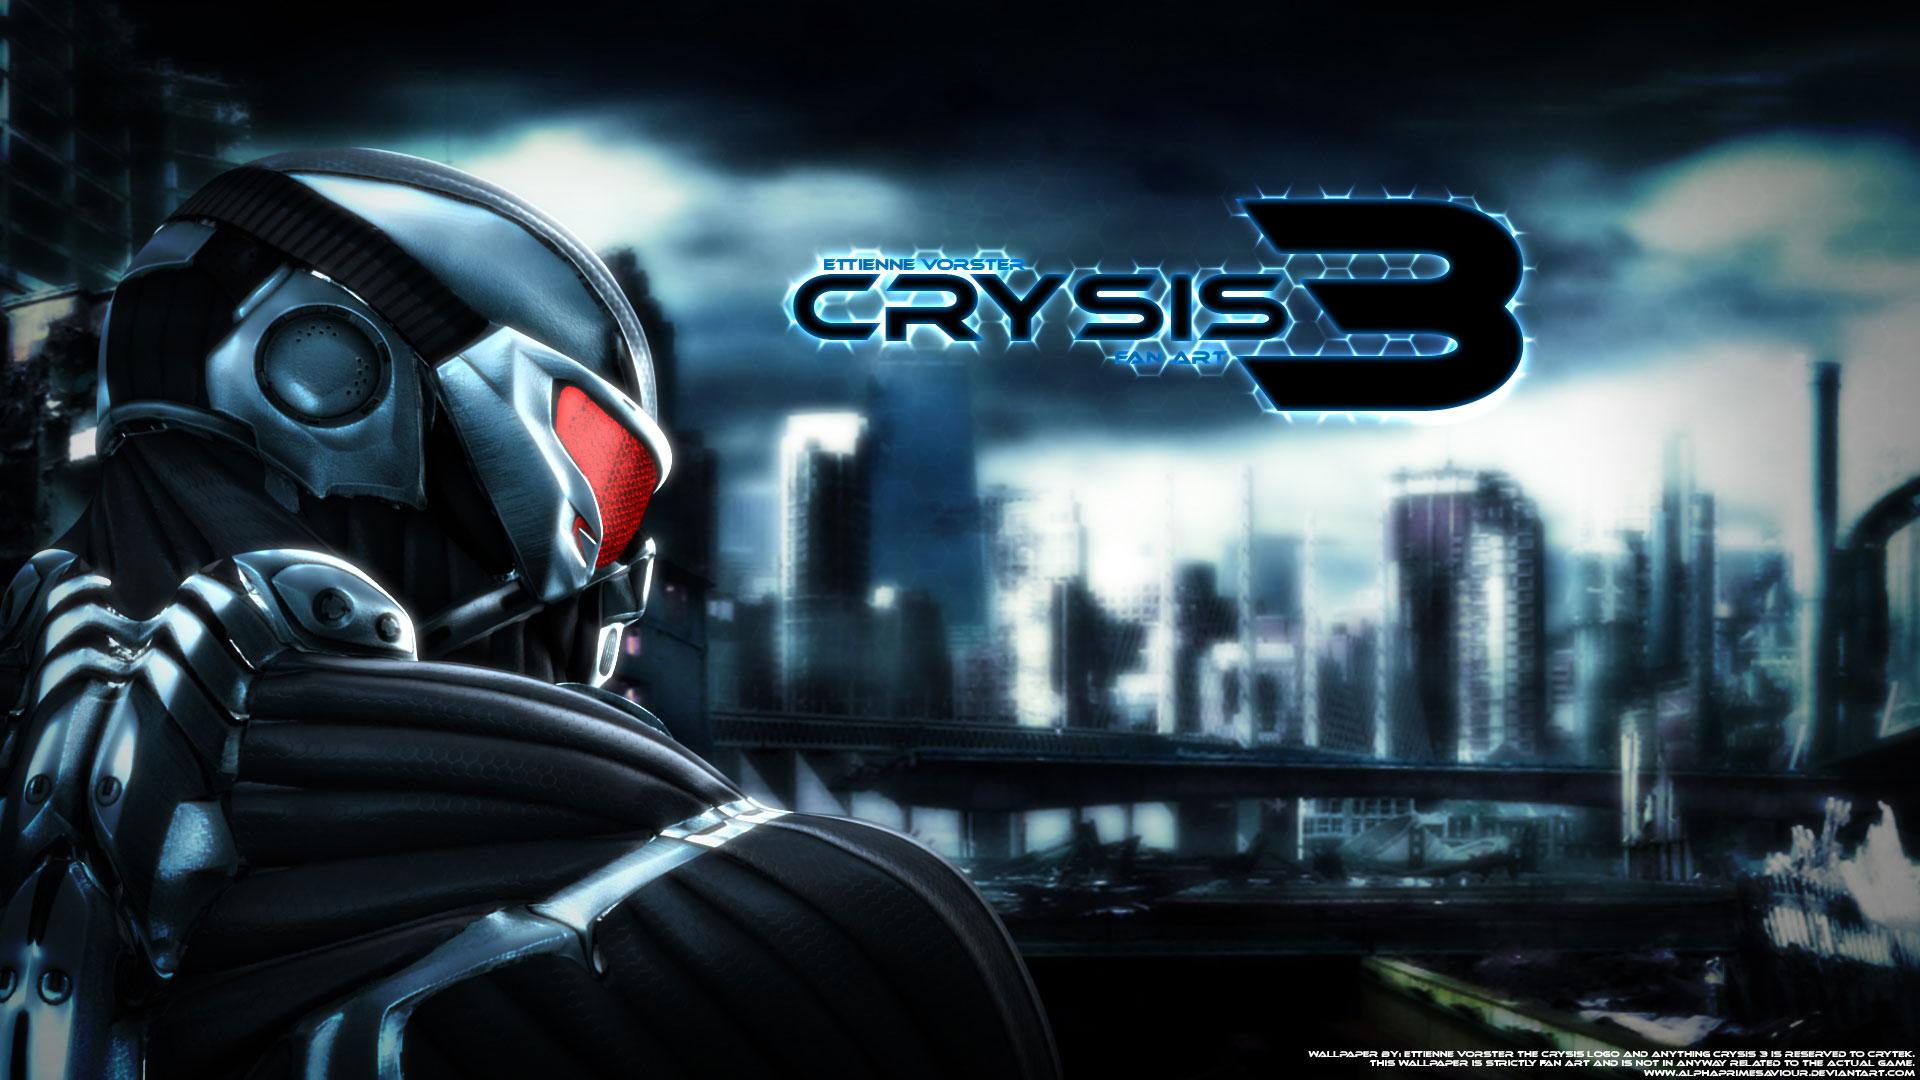 Кризис игра 3 скачать добавлена ссылка.